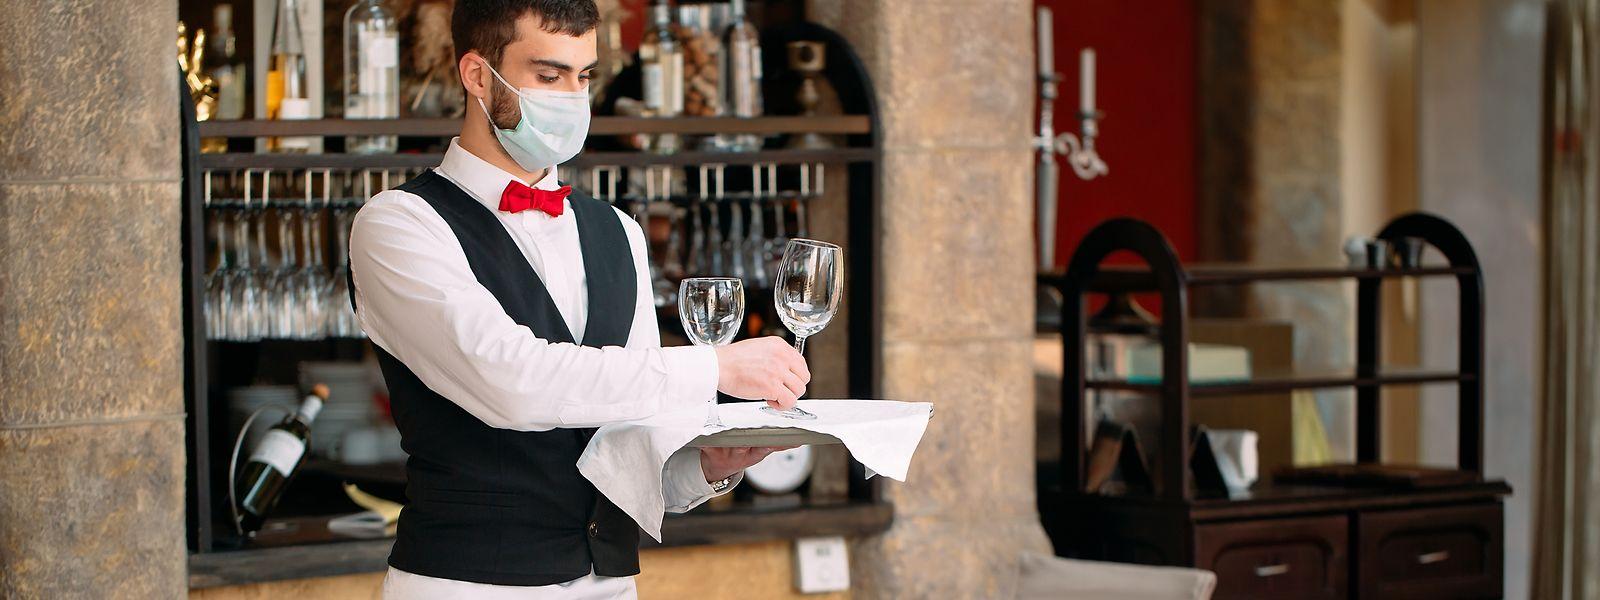 Ab dem 13. Juni gelten weniger strenge Regeln in der Gastronomie.